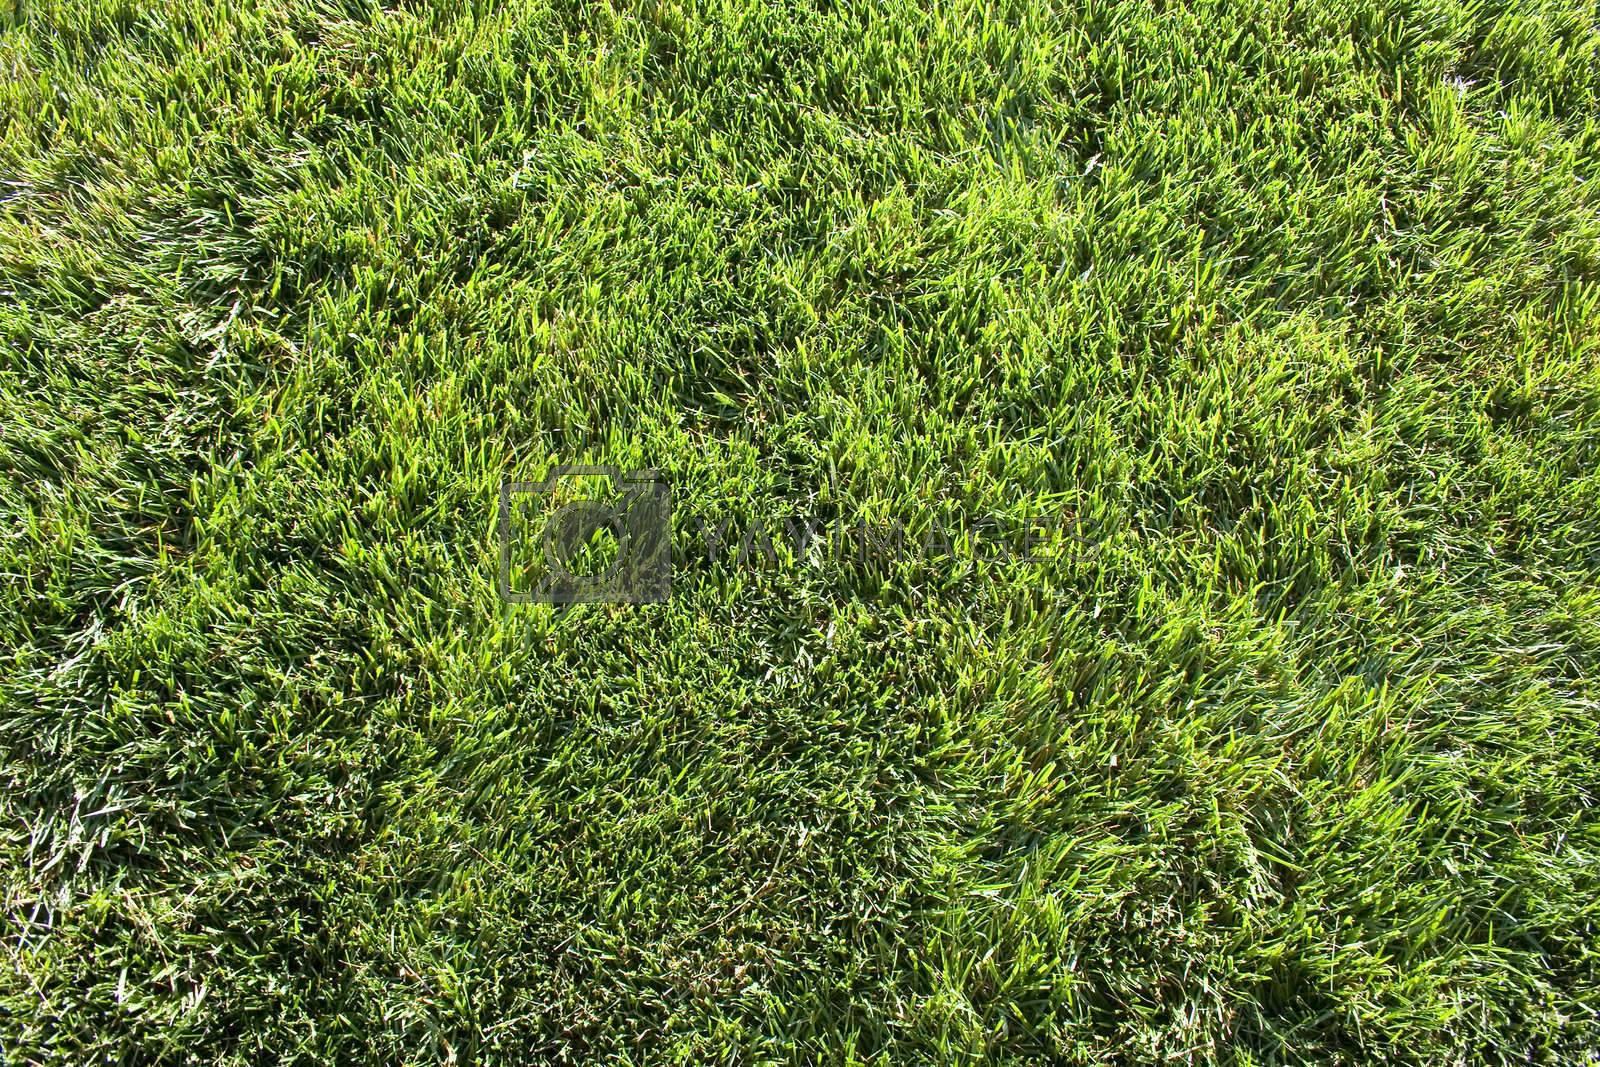 Green Grass by jclardy